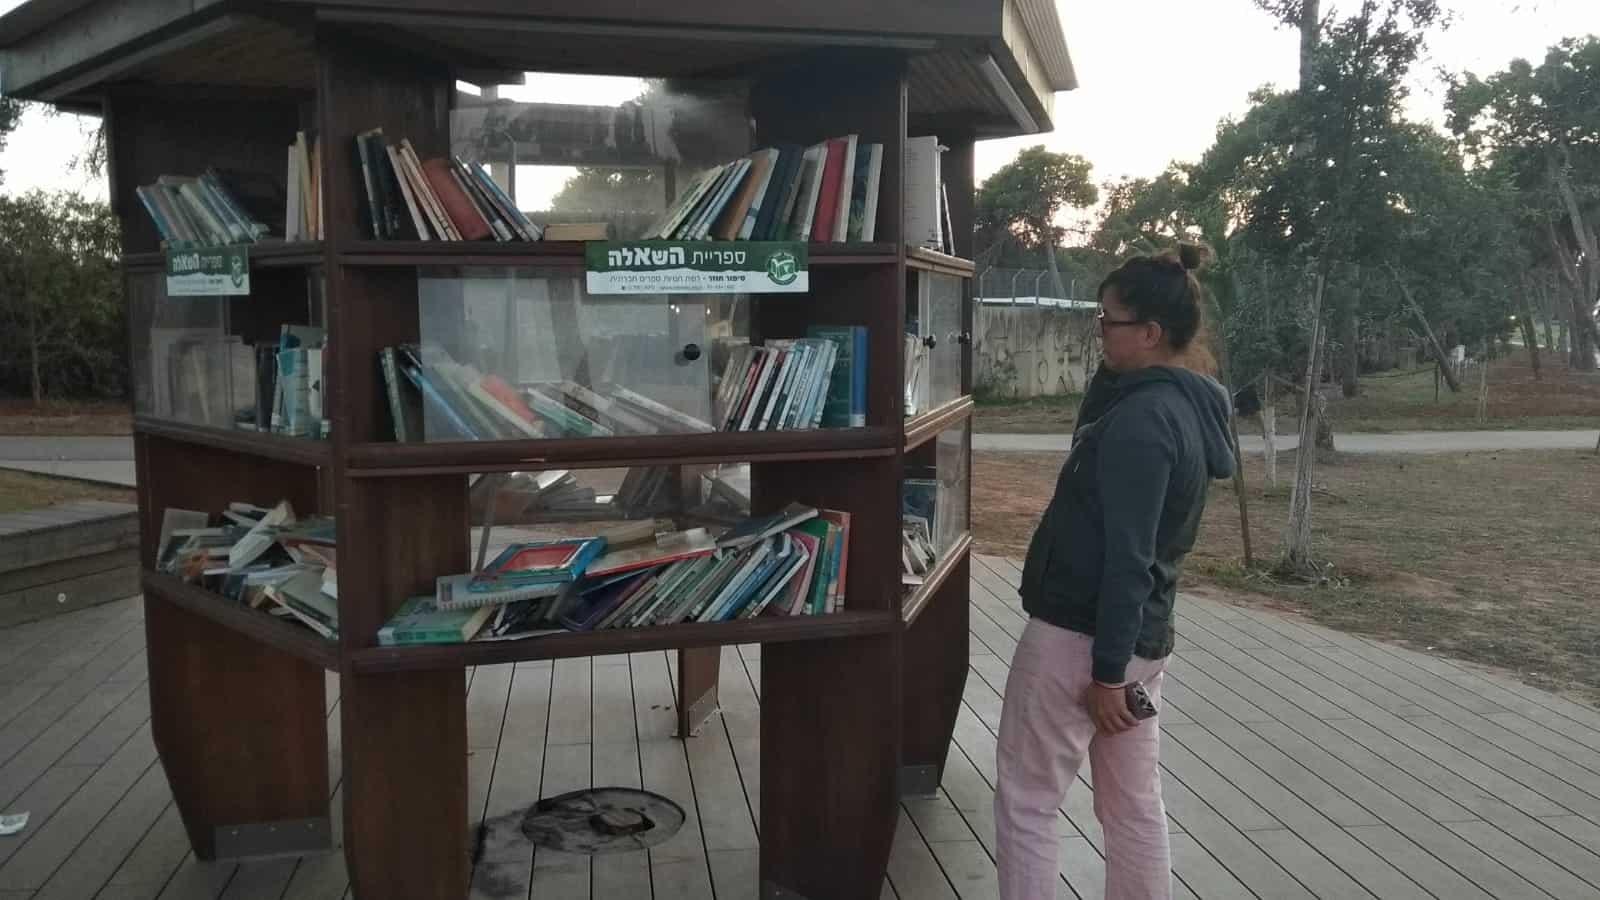 ספריה בפארק צילום רג ניוז